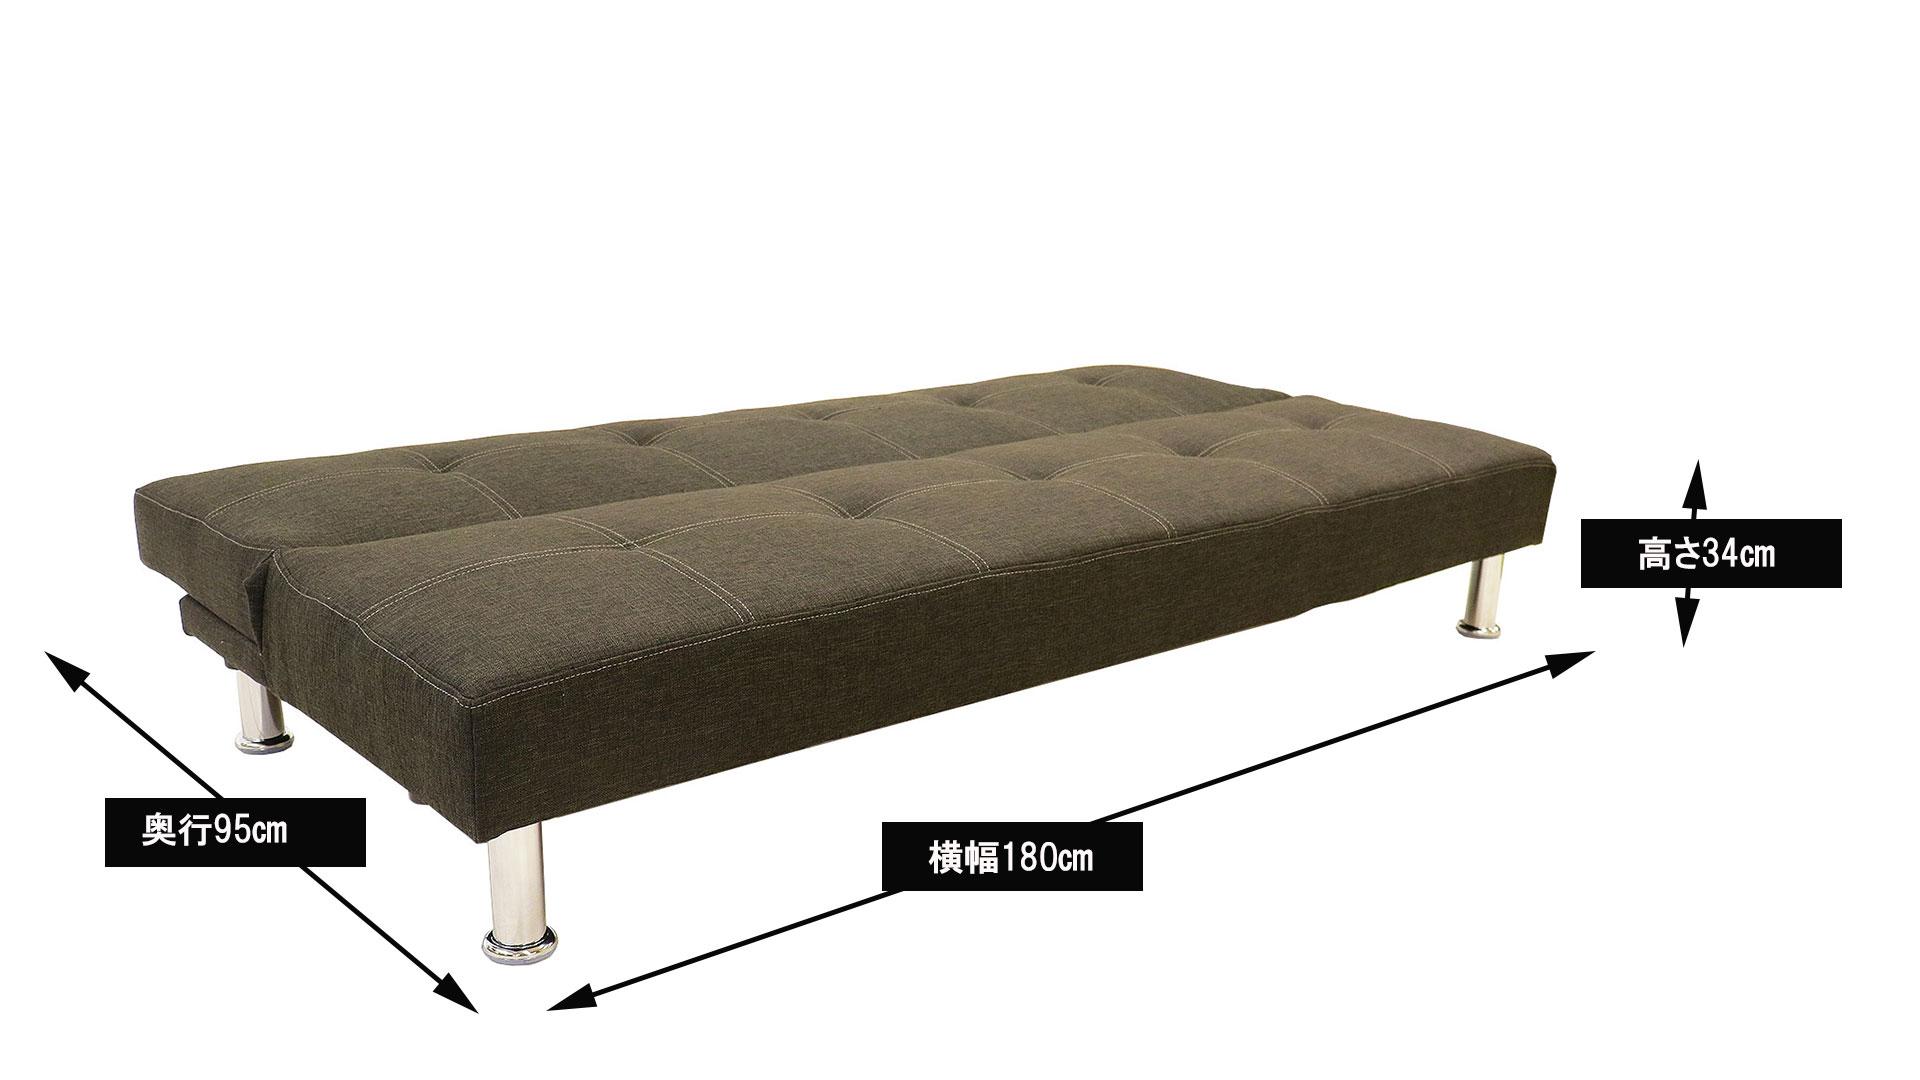 横幅180㎝の黒のソファベッド7.777円の品のベッドの時のサイズ